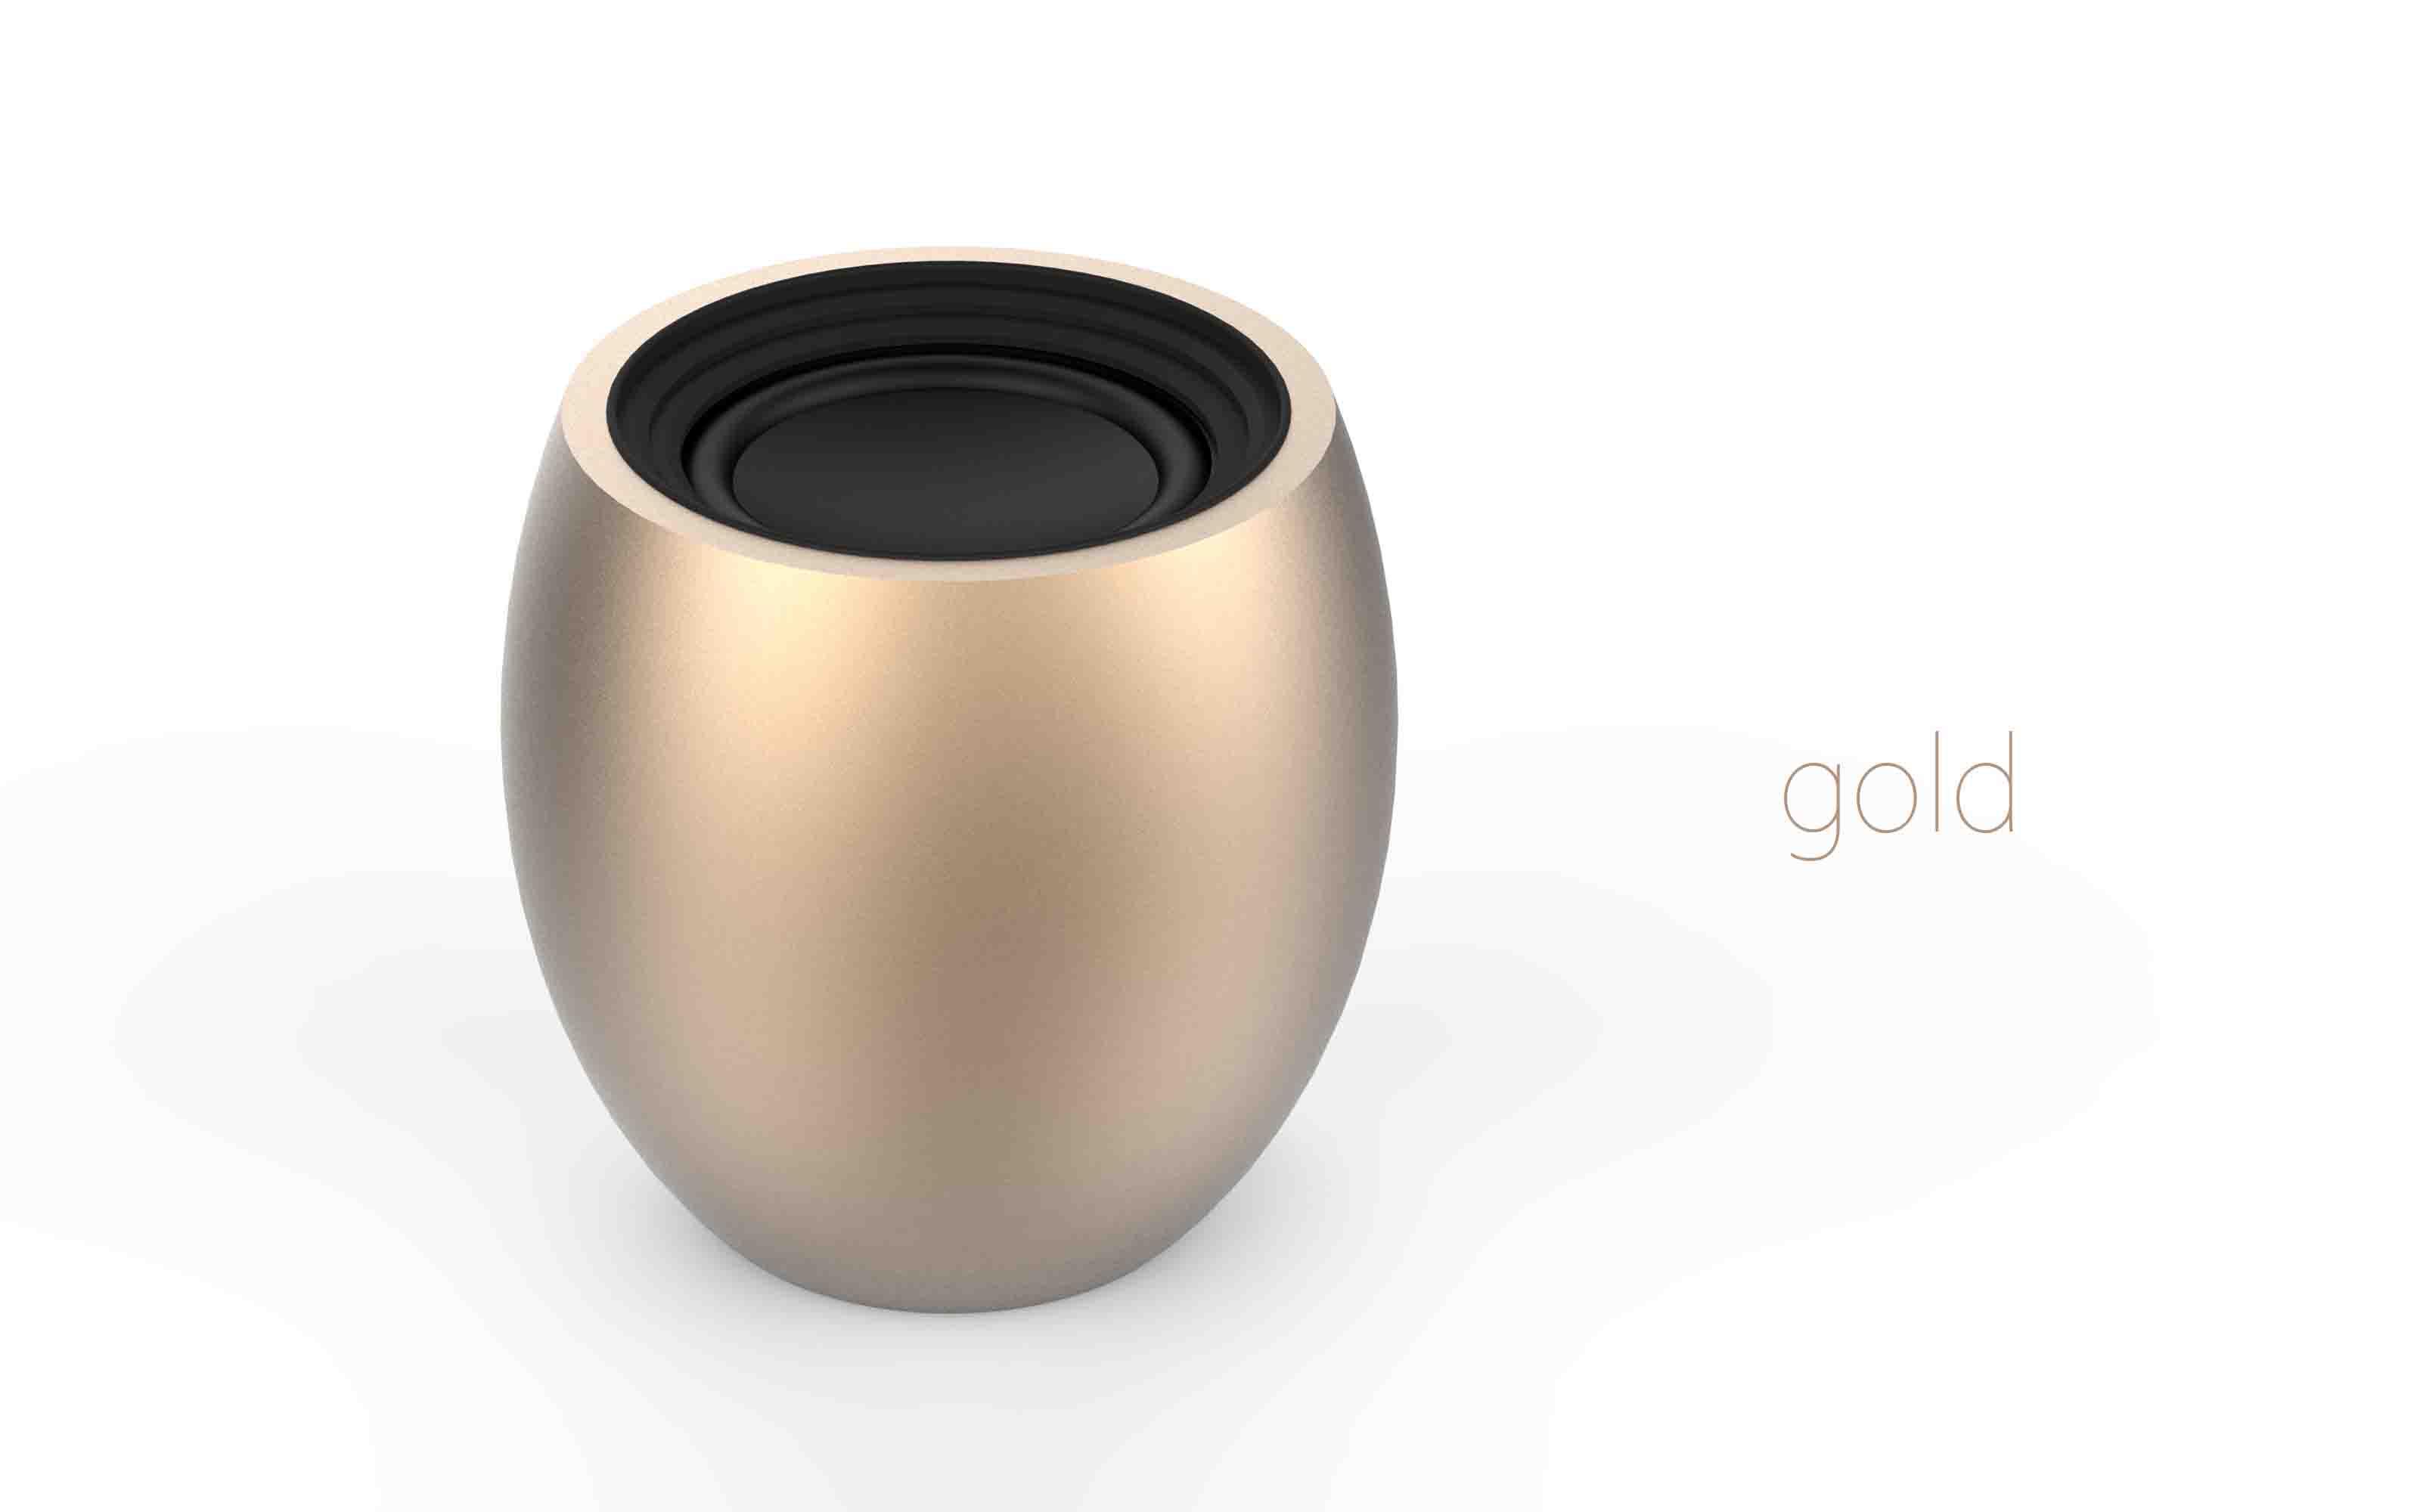 Quà tặng loa Bluetooth Eggi